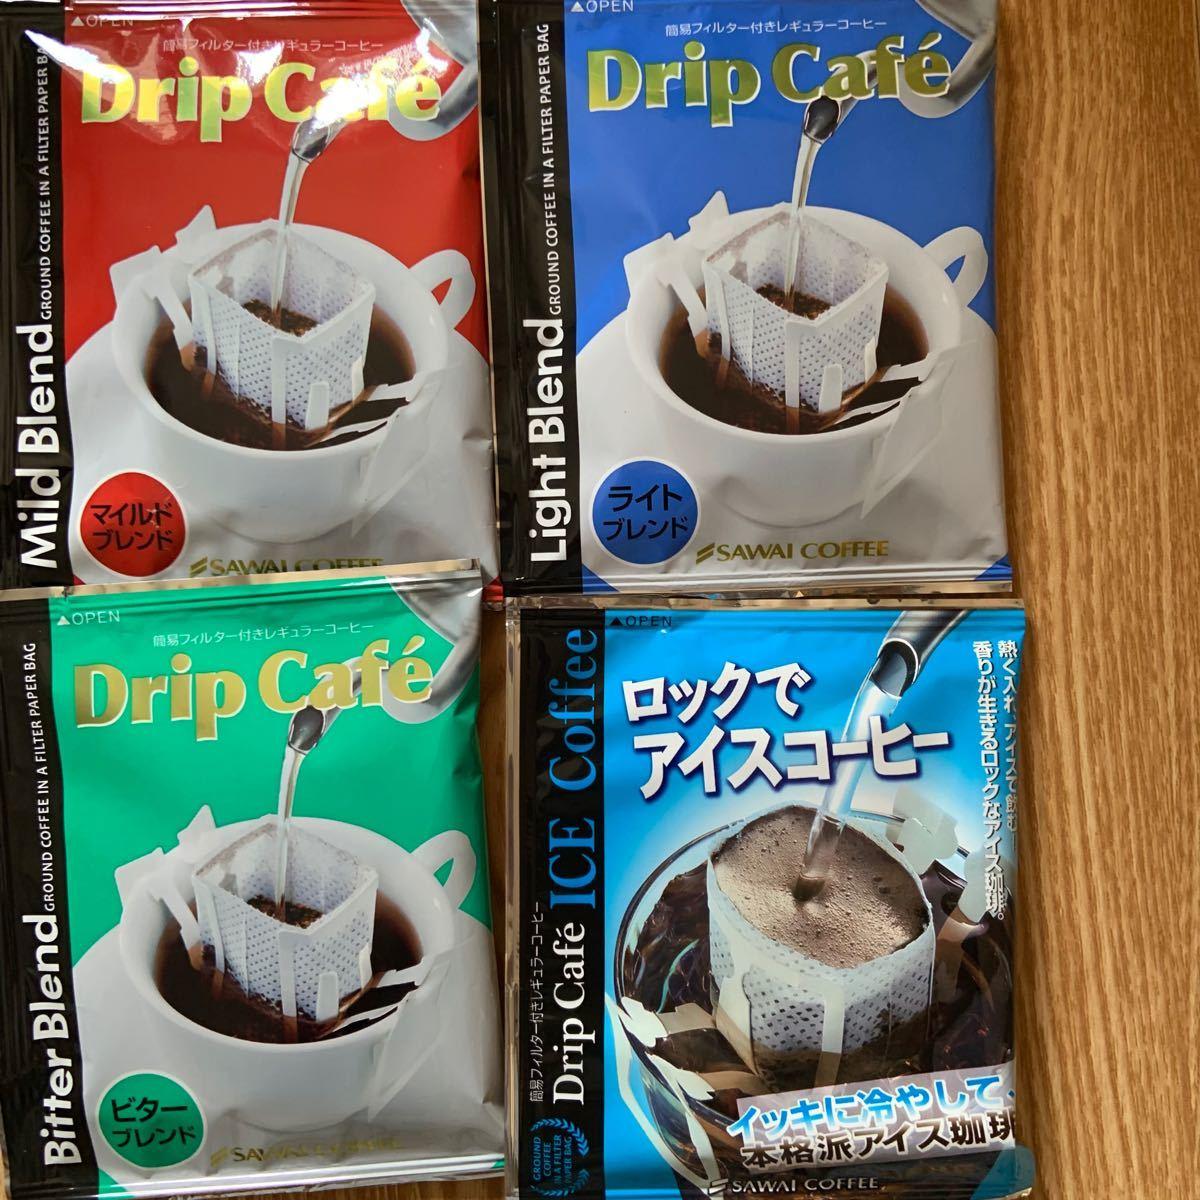 澤井珈琲 ドトールコーヒー ドリップコーヒー 選べる10袋セット